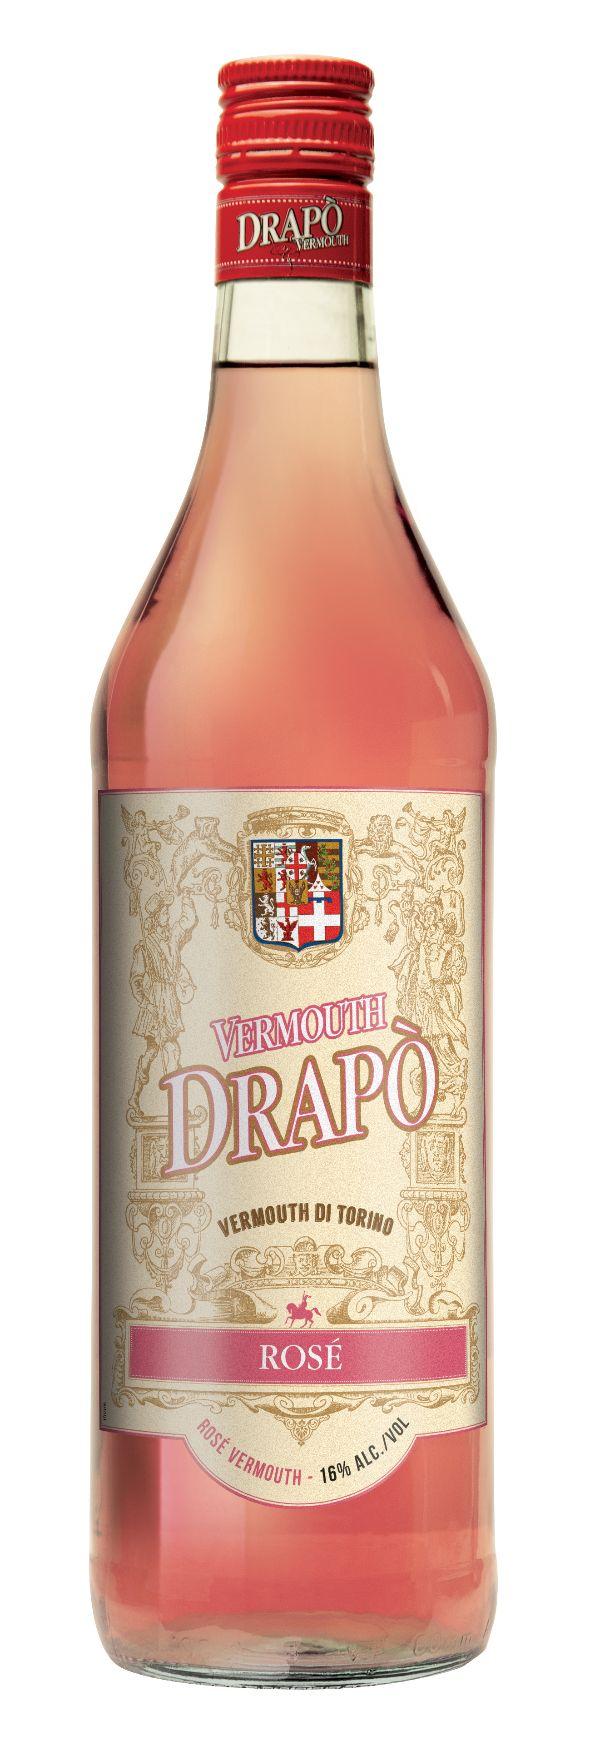 Drapo Rose Vermouth